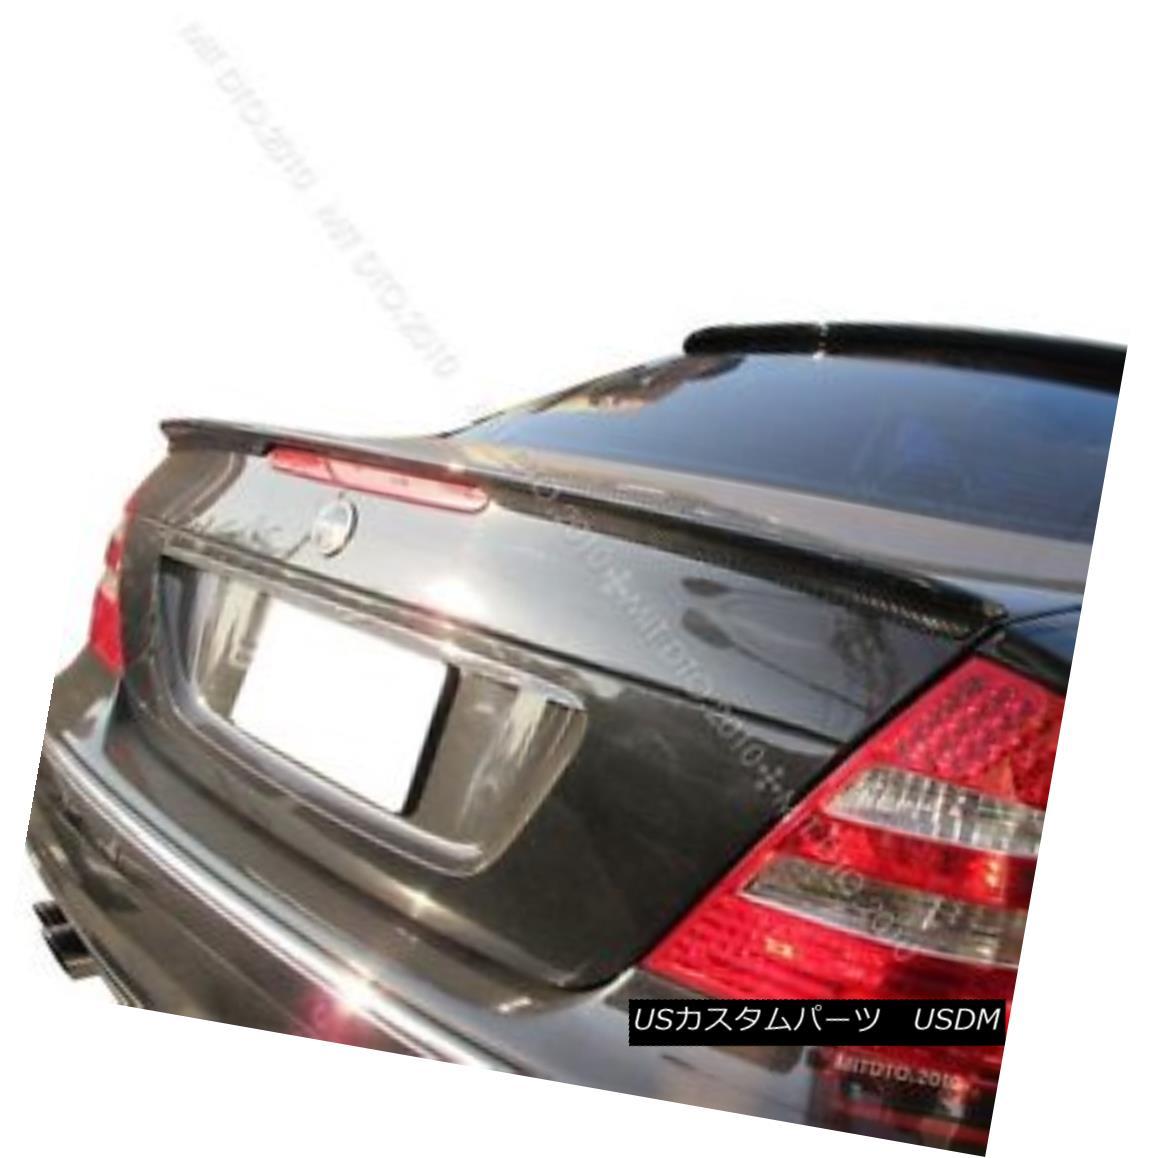 エアロパーツ Carbon Fiber Mercedes Benz W211 E A TYPE Trunk Spoiler Rear Wing 炭素繊維メルセデスベンツW211 Eタイプトランクスポイラーリアウイング